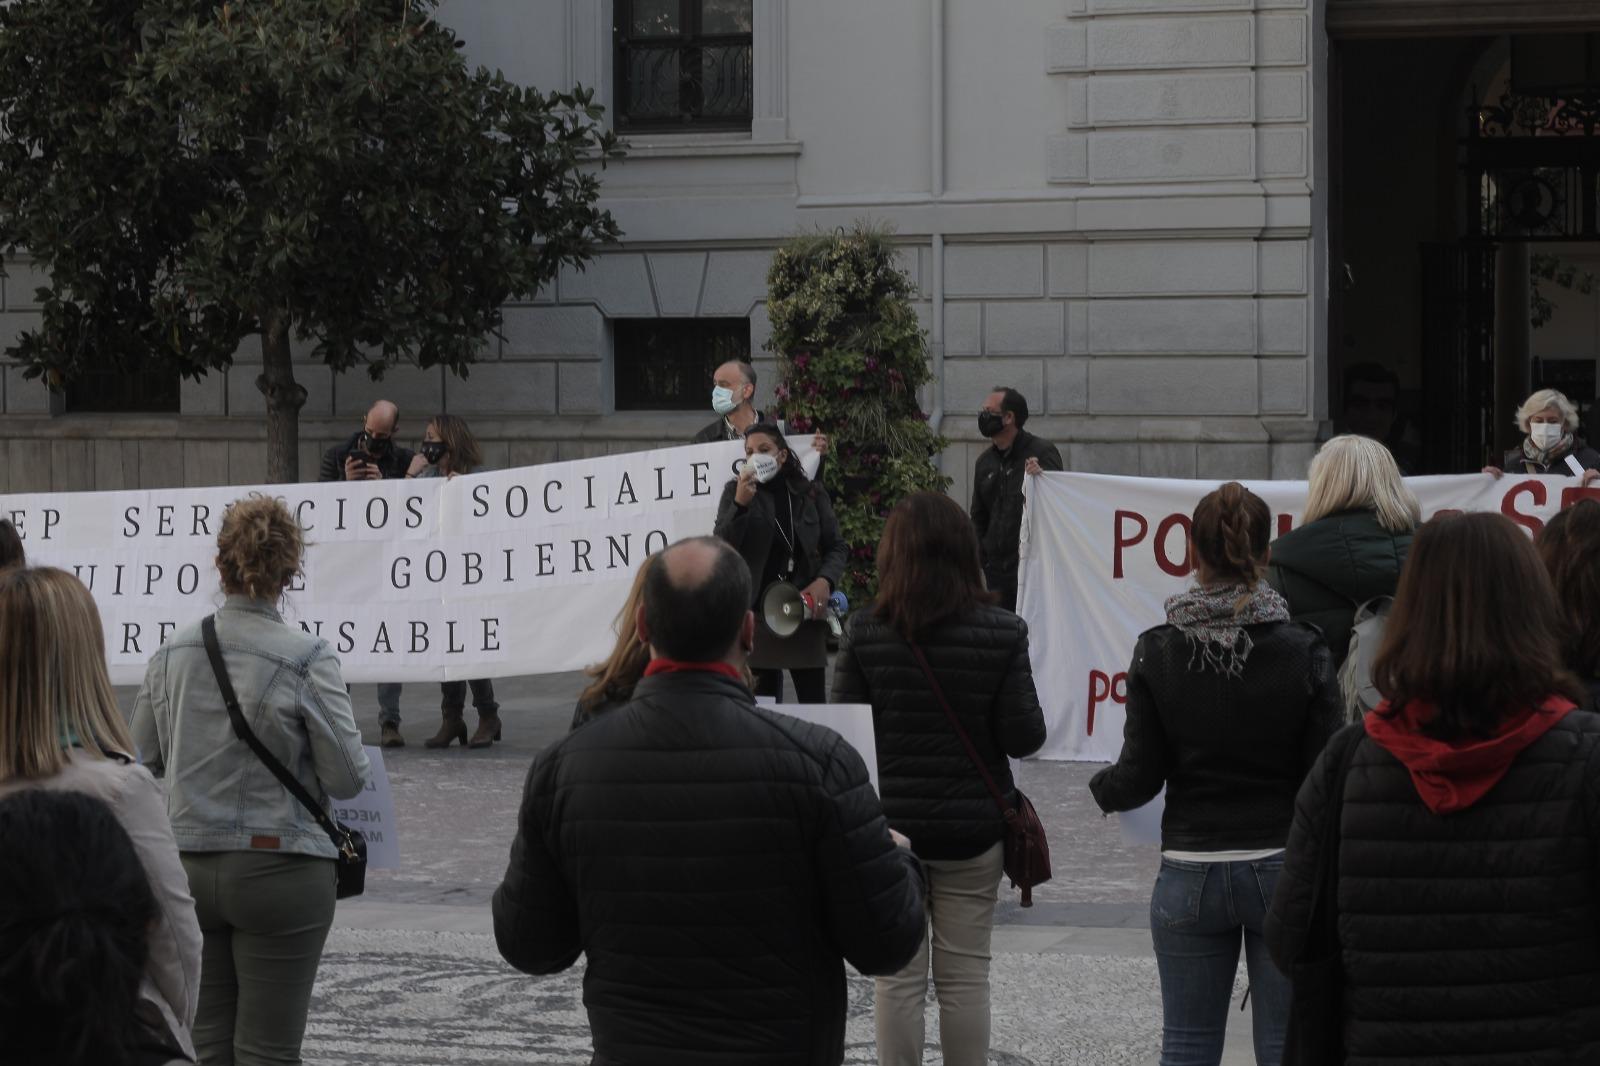 Los Servicios Sociales municipales exigen recursos públicos para poder afrontar la crisis social derivada de la pandemia